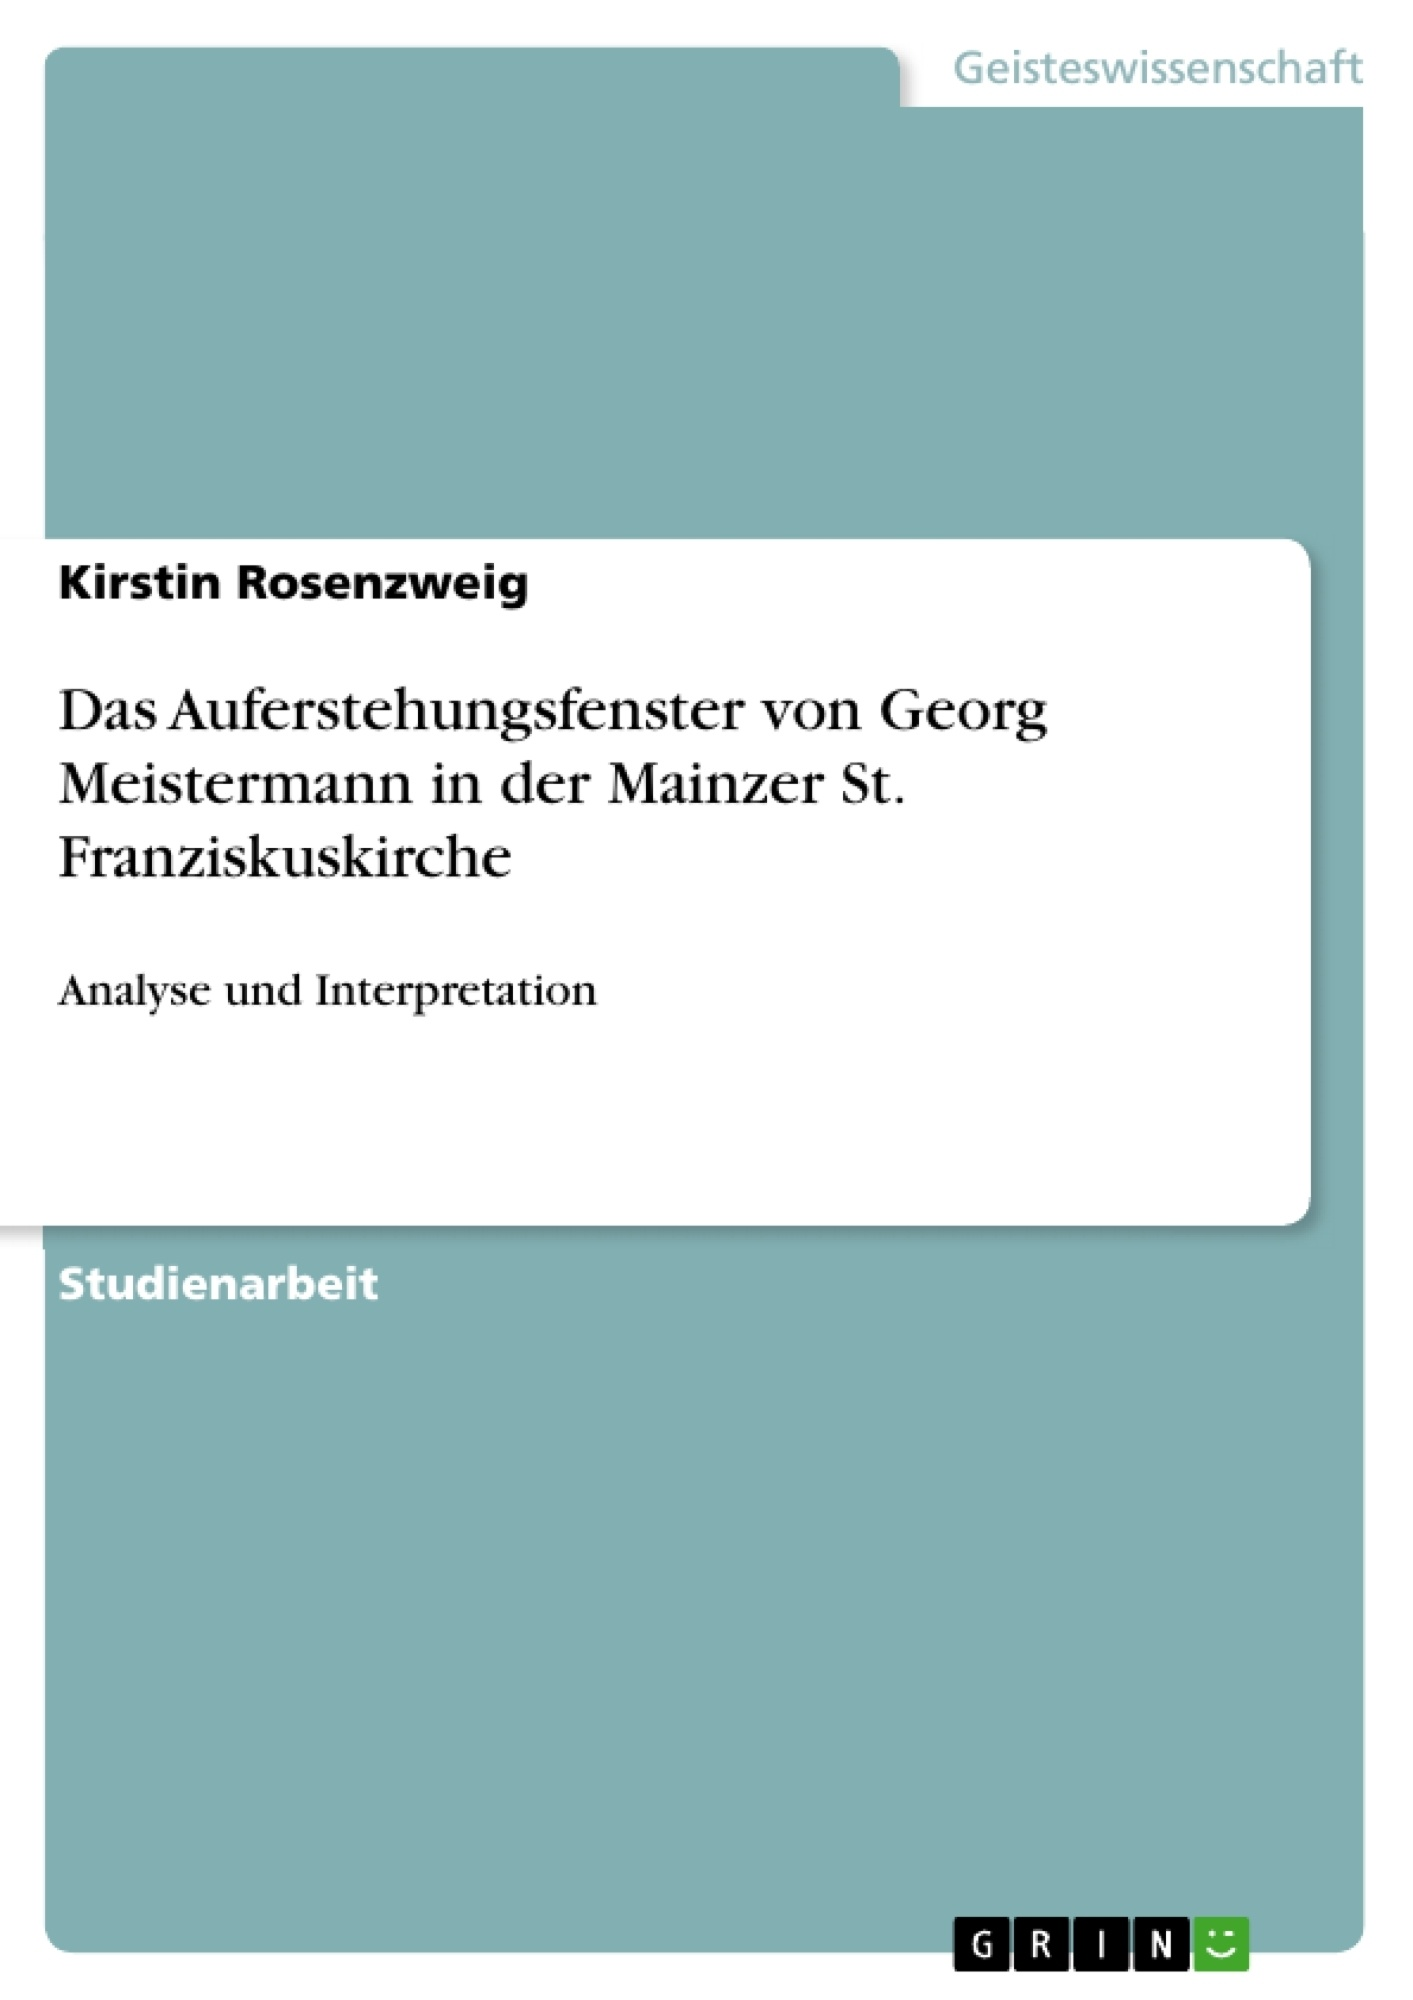 Titel: Das Auferstehungsfenster von Georg Meistermann in der Mainzer St. Franziskuskirche